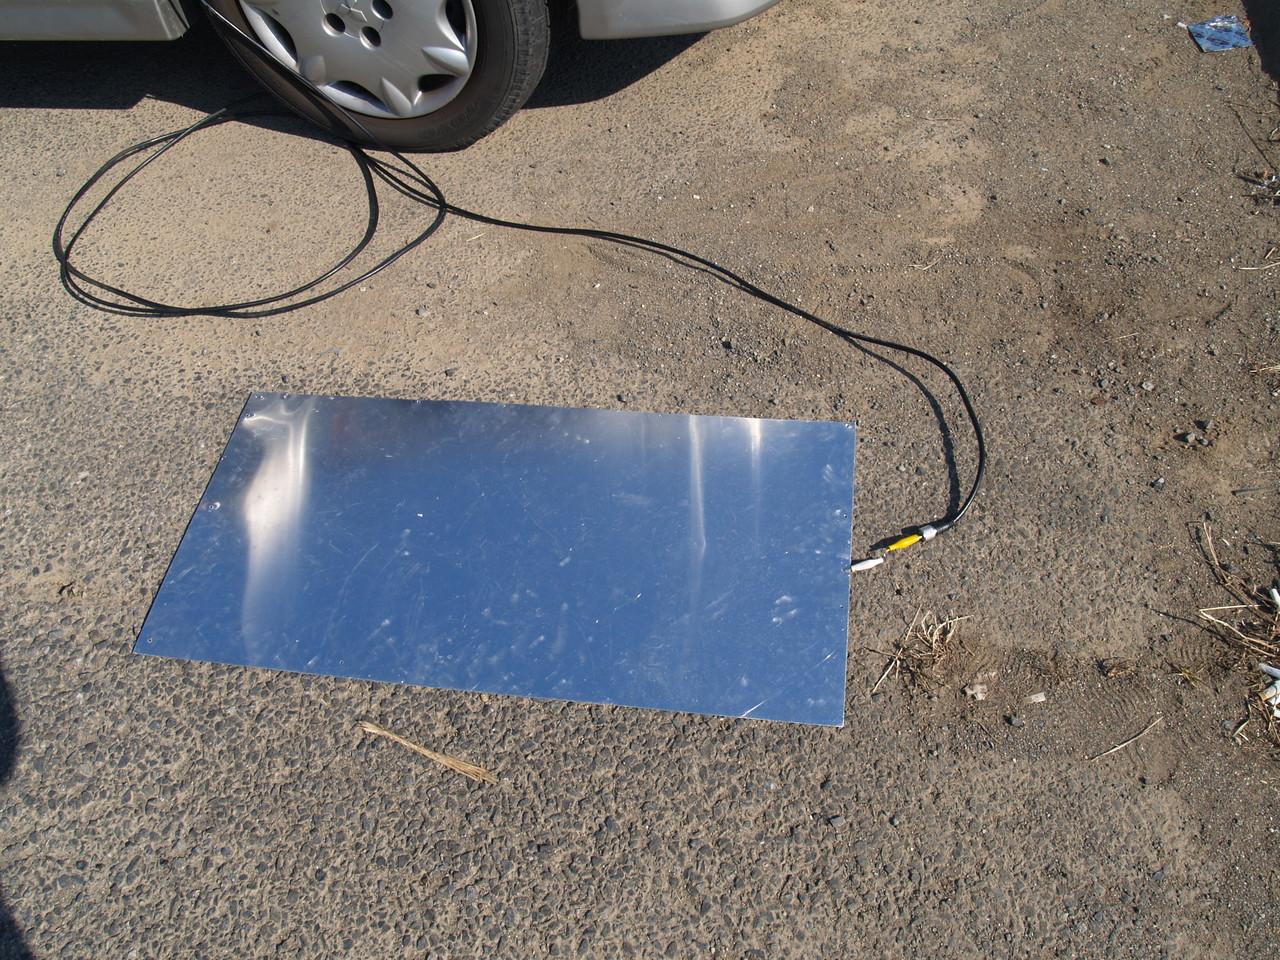 移動:1枚アルミ板ANT(45x90cm)での運用:同軸ケーブルは直線状態が良い。写真状態でも交信可能でした。